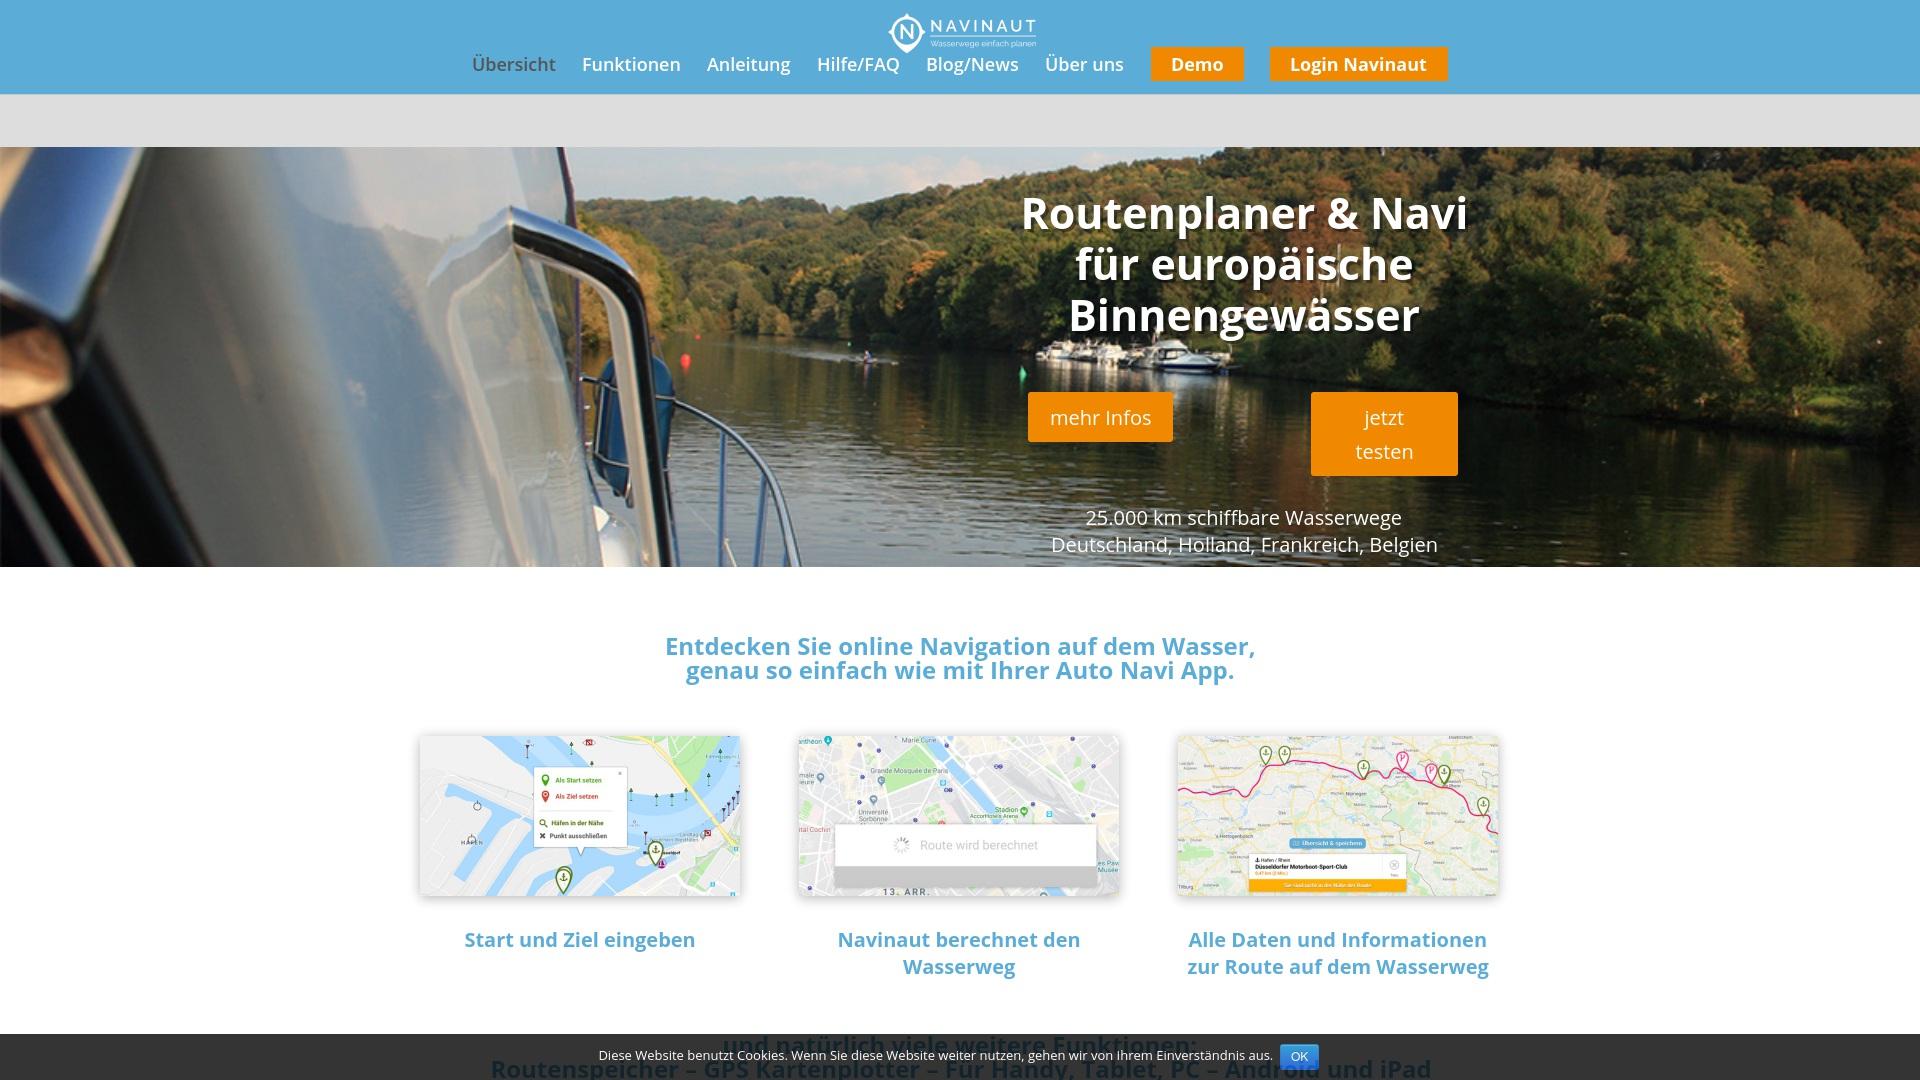 Gutschein für Navinaut: Rabatte für  Navinaut sichern